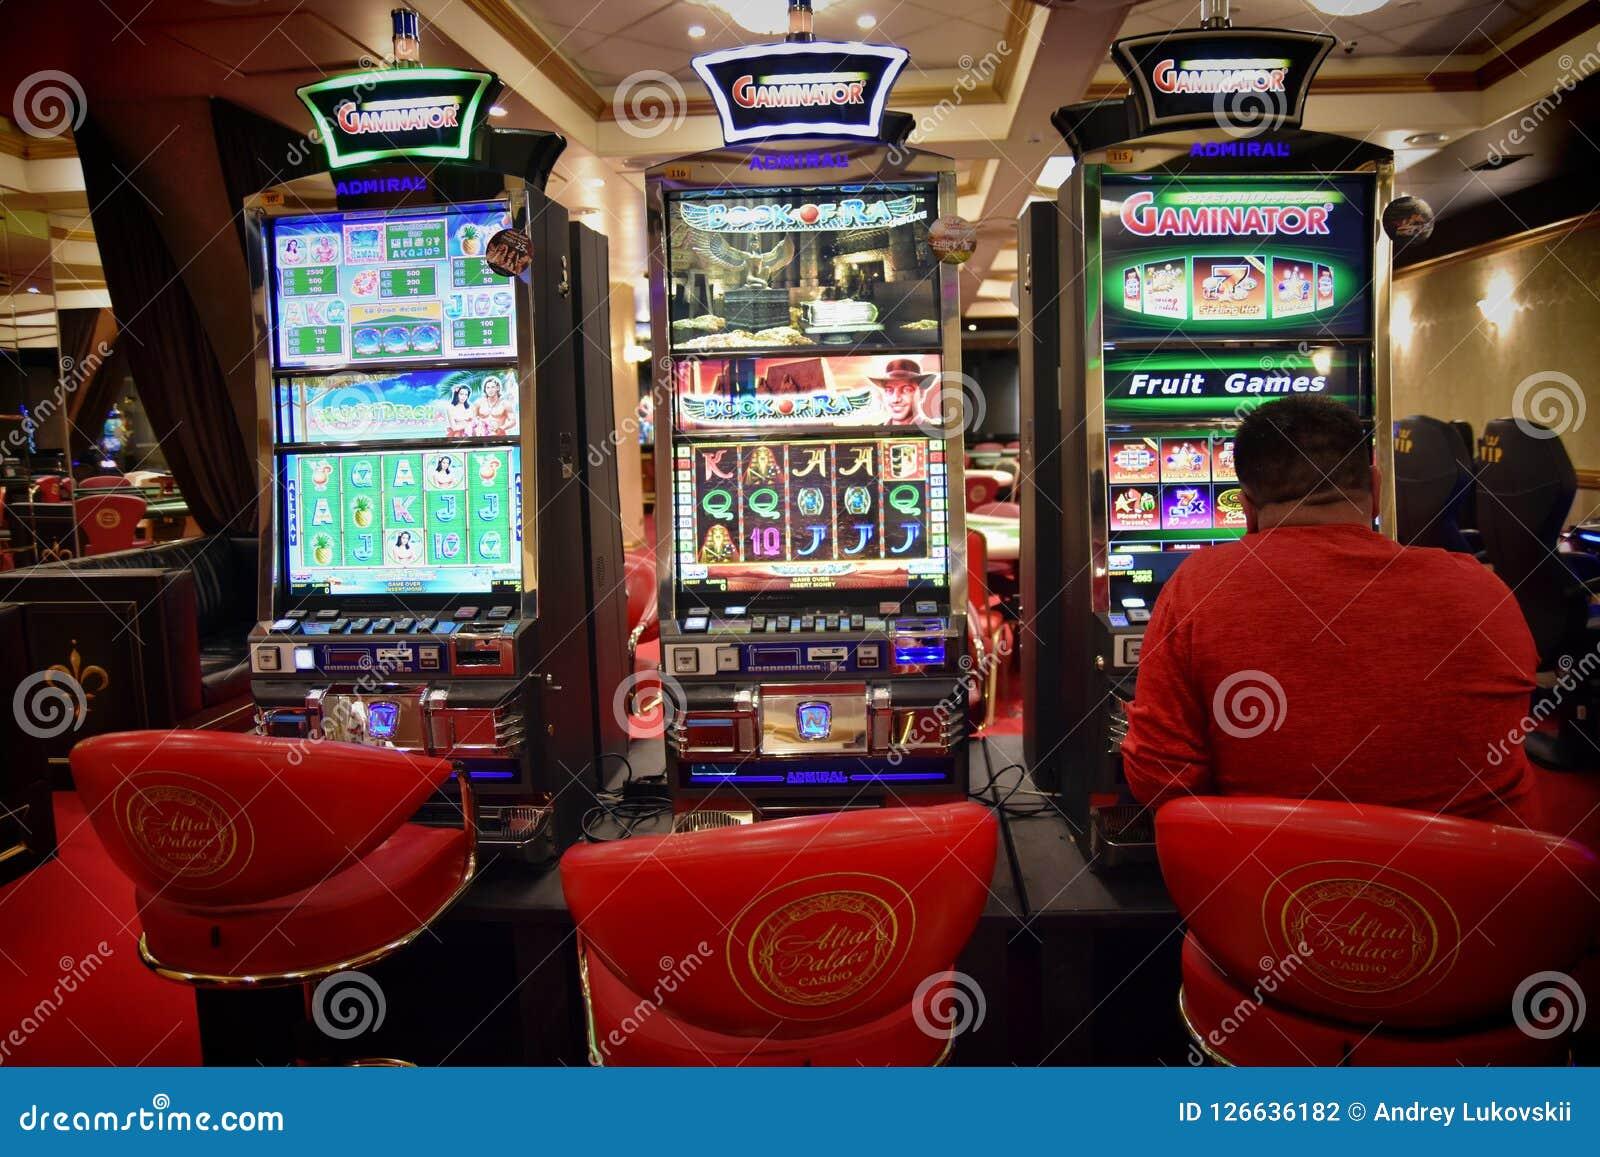 Chipping machine casino gambling in st. thomas